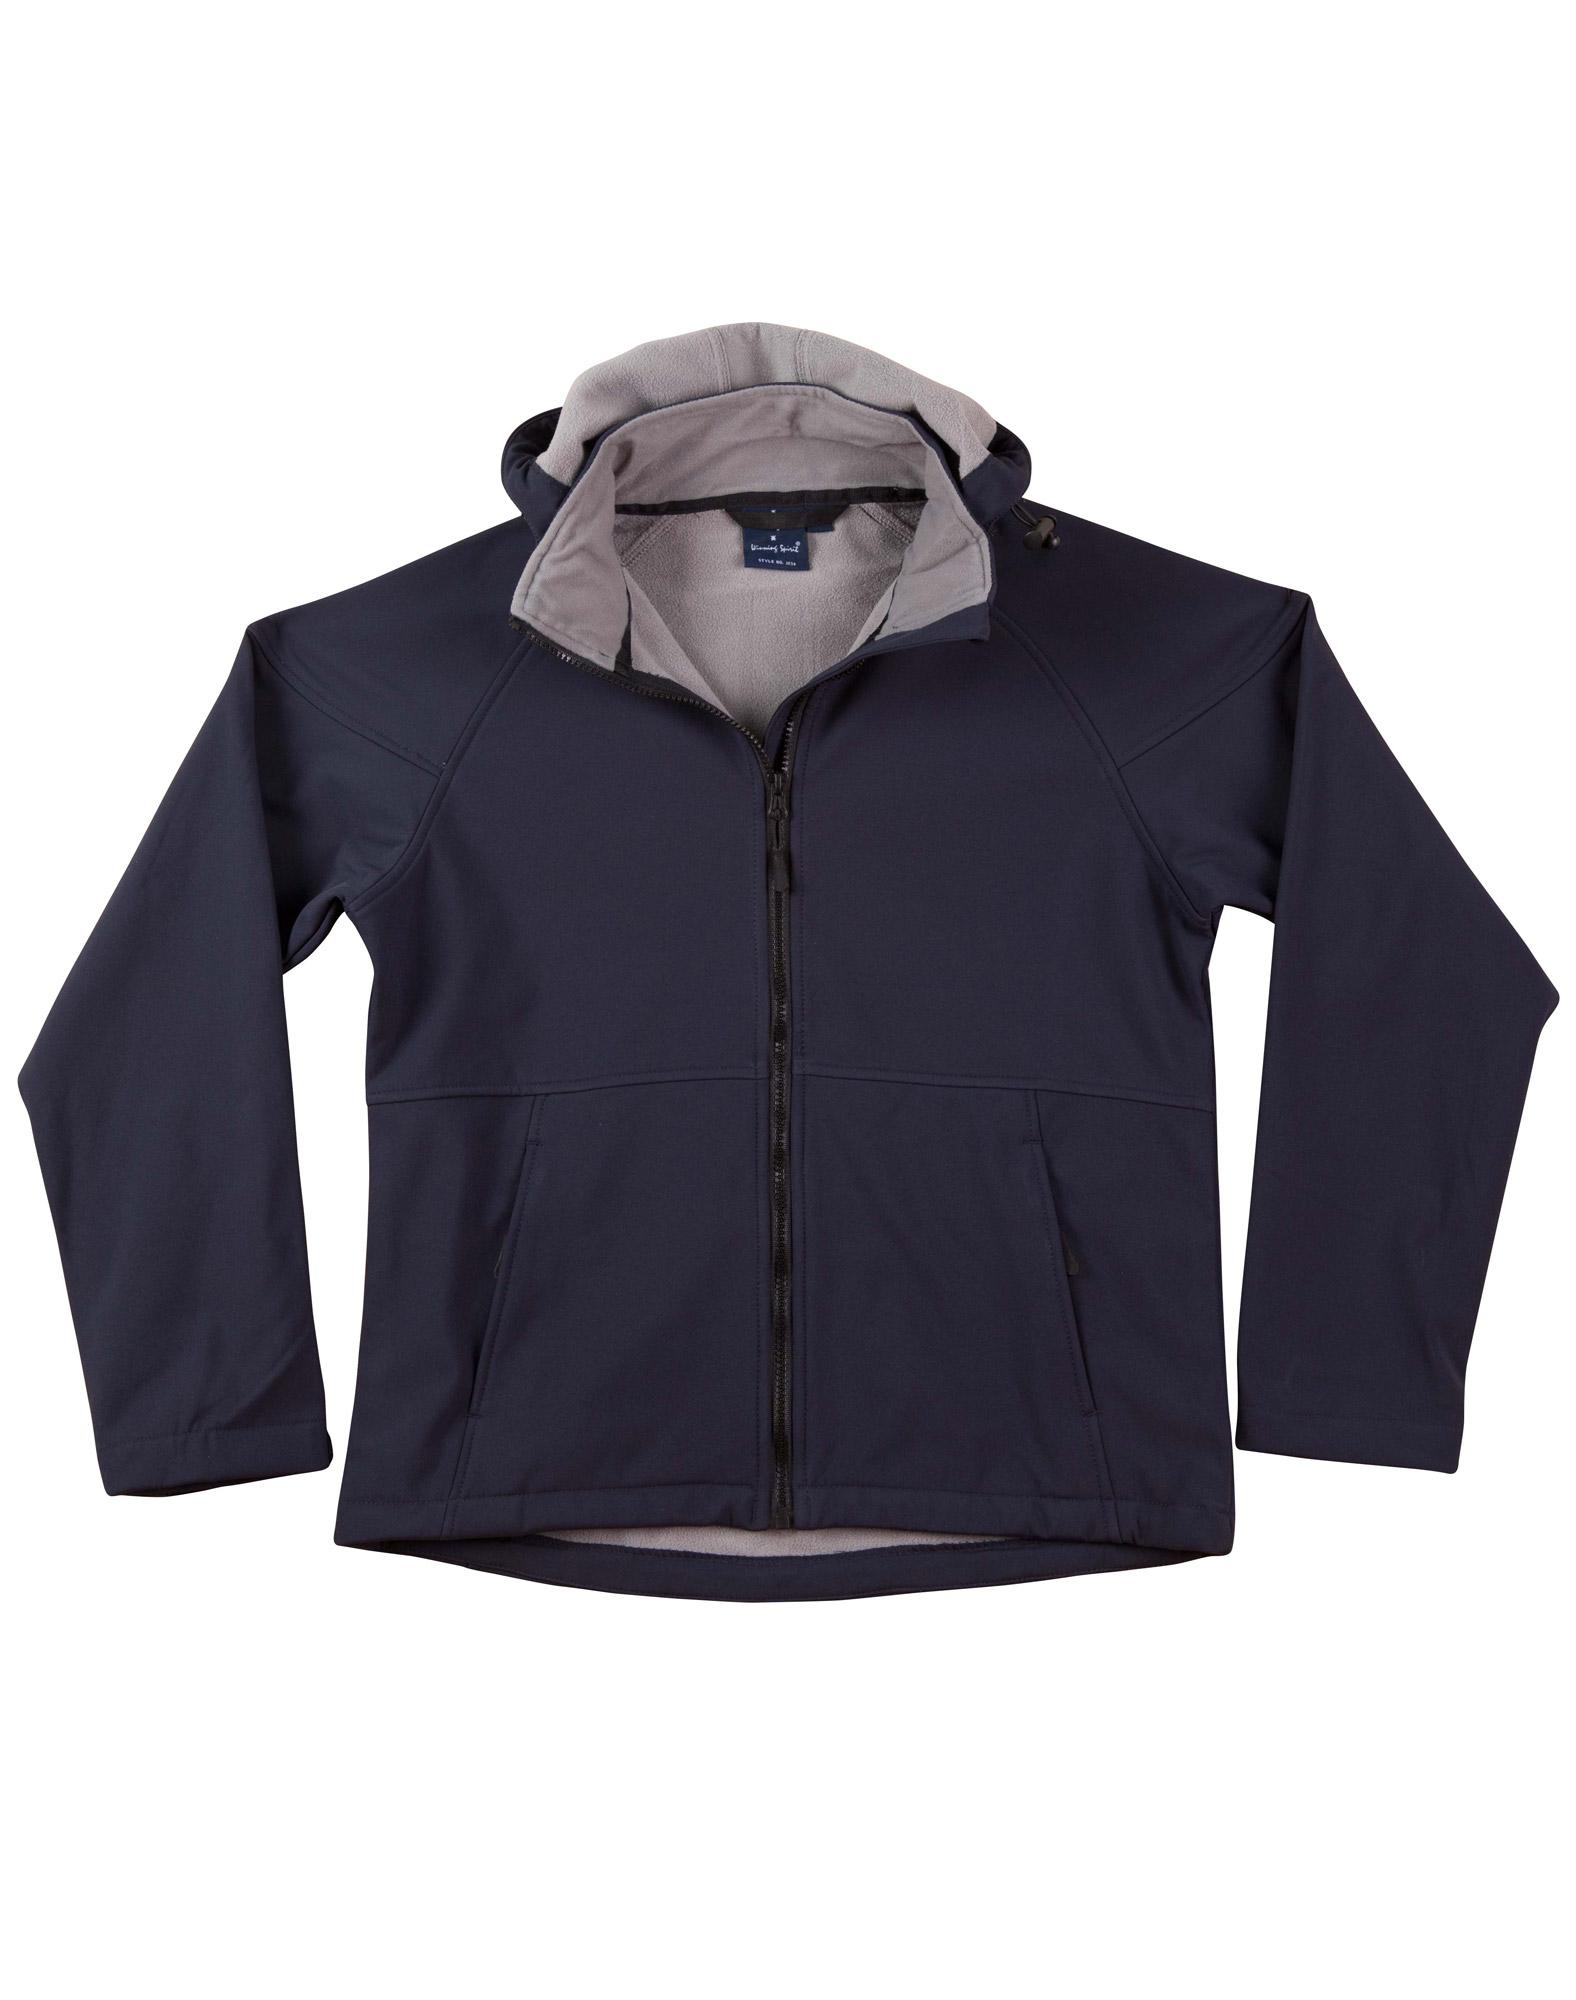 KDARC Hooded Softshell Jacket